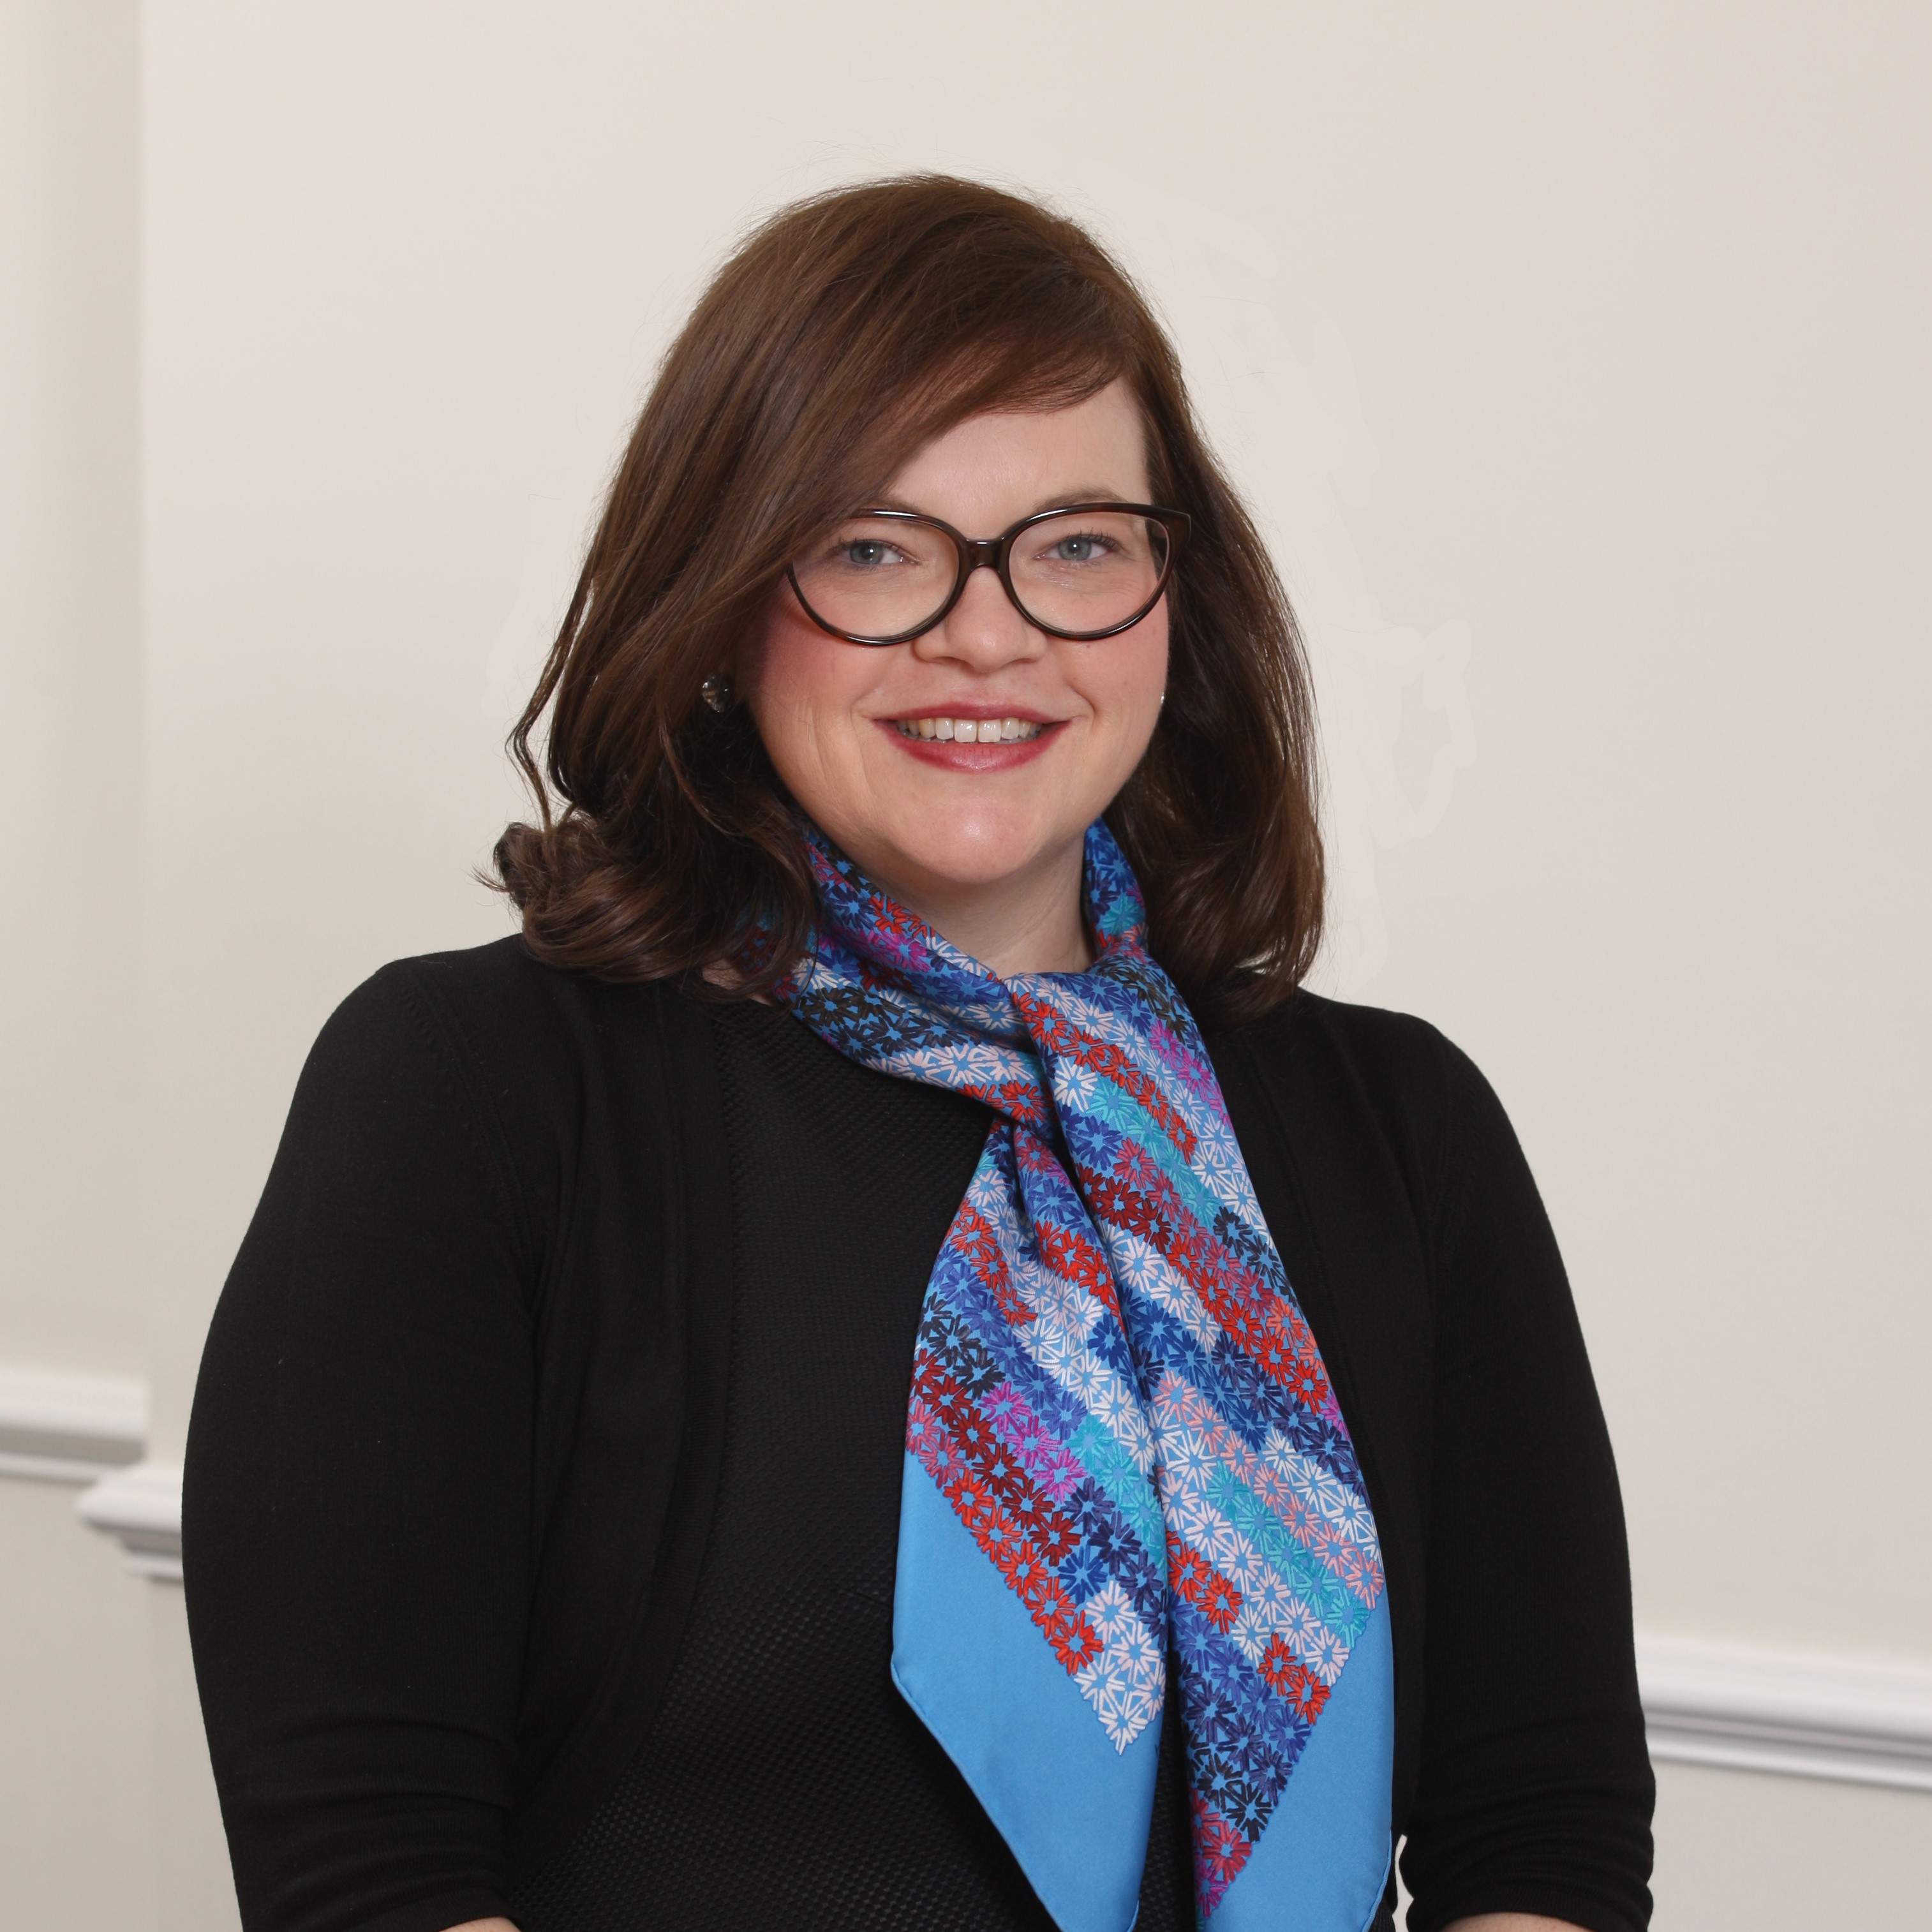 Dr Kate Parlett